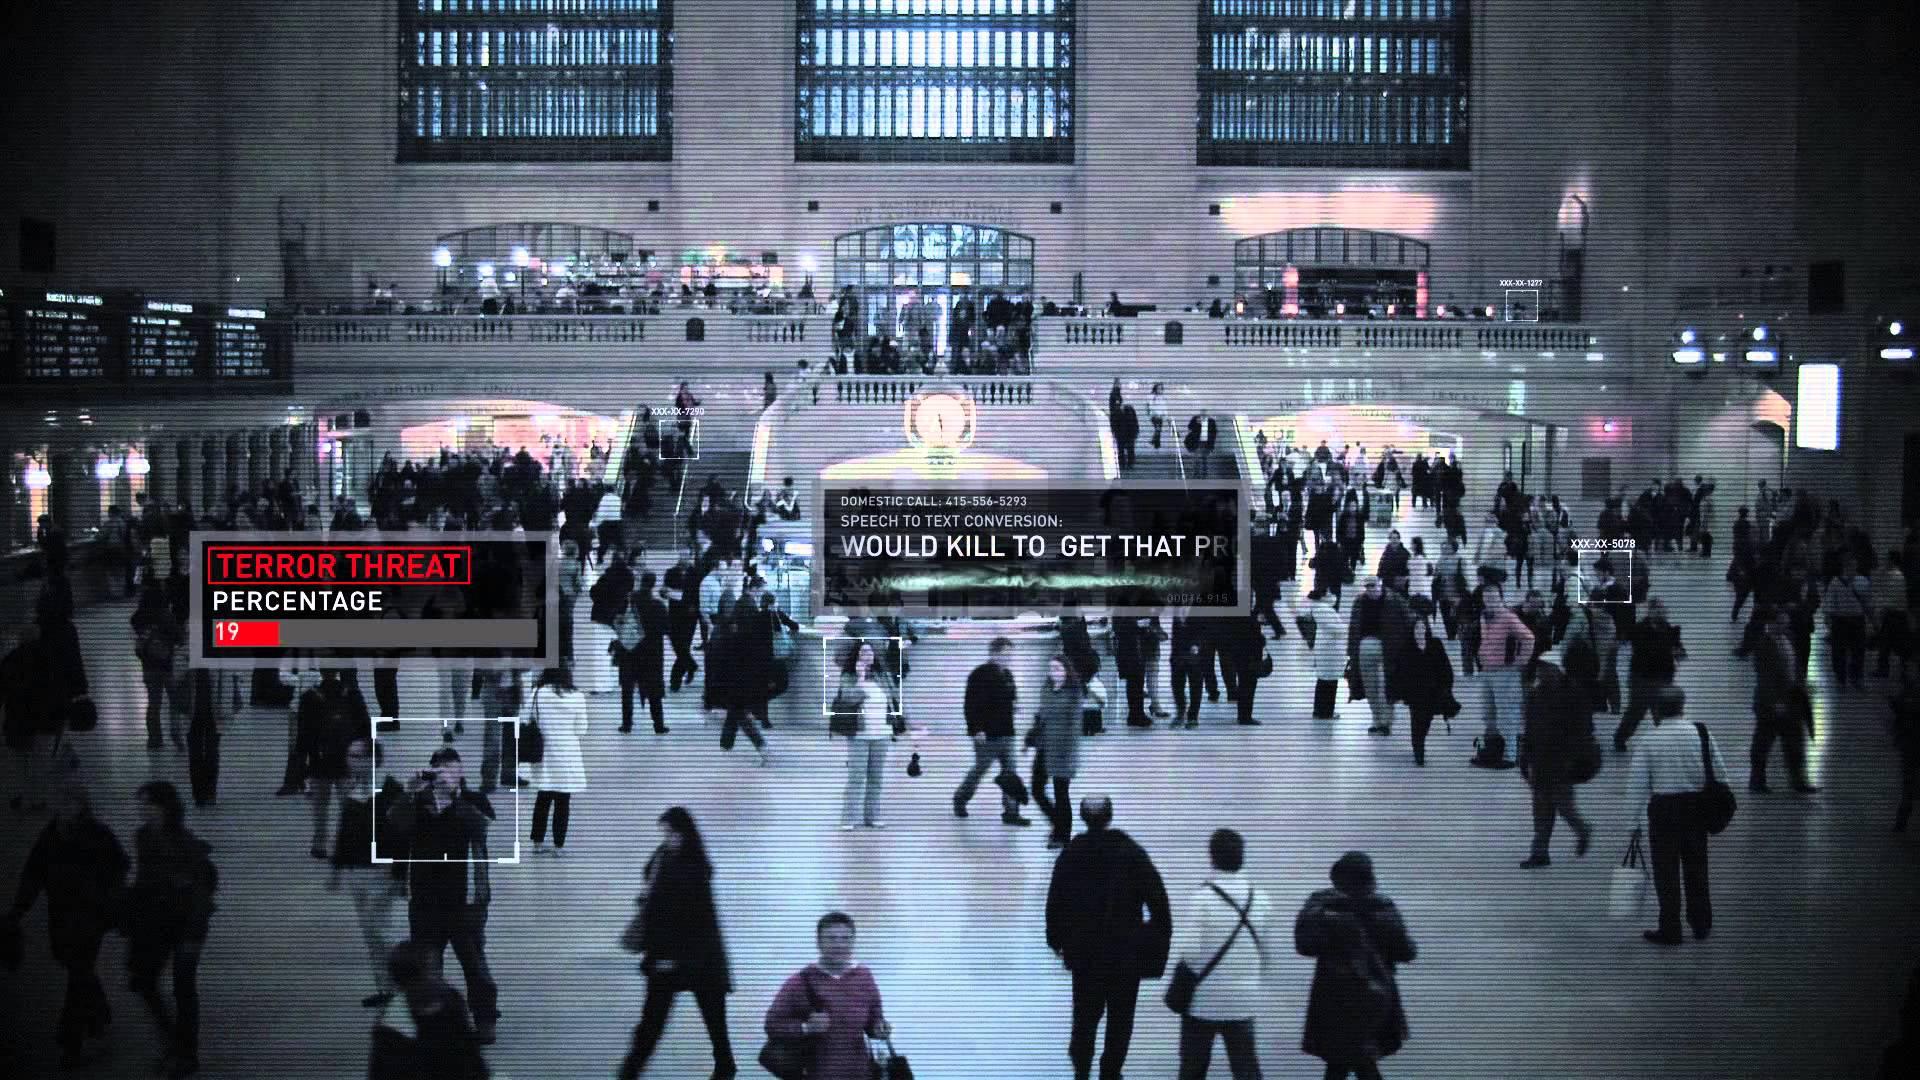 Biométrie : l'aéroport de Dubaï enregistre désormais les passagers via scan rétinien #3